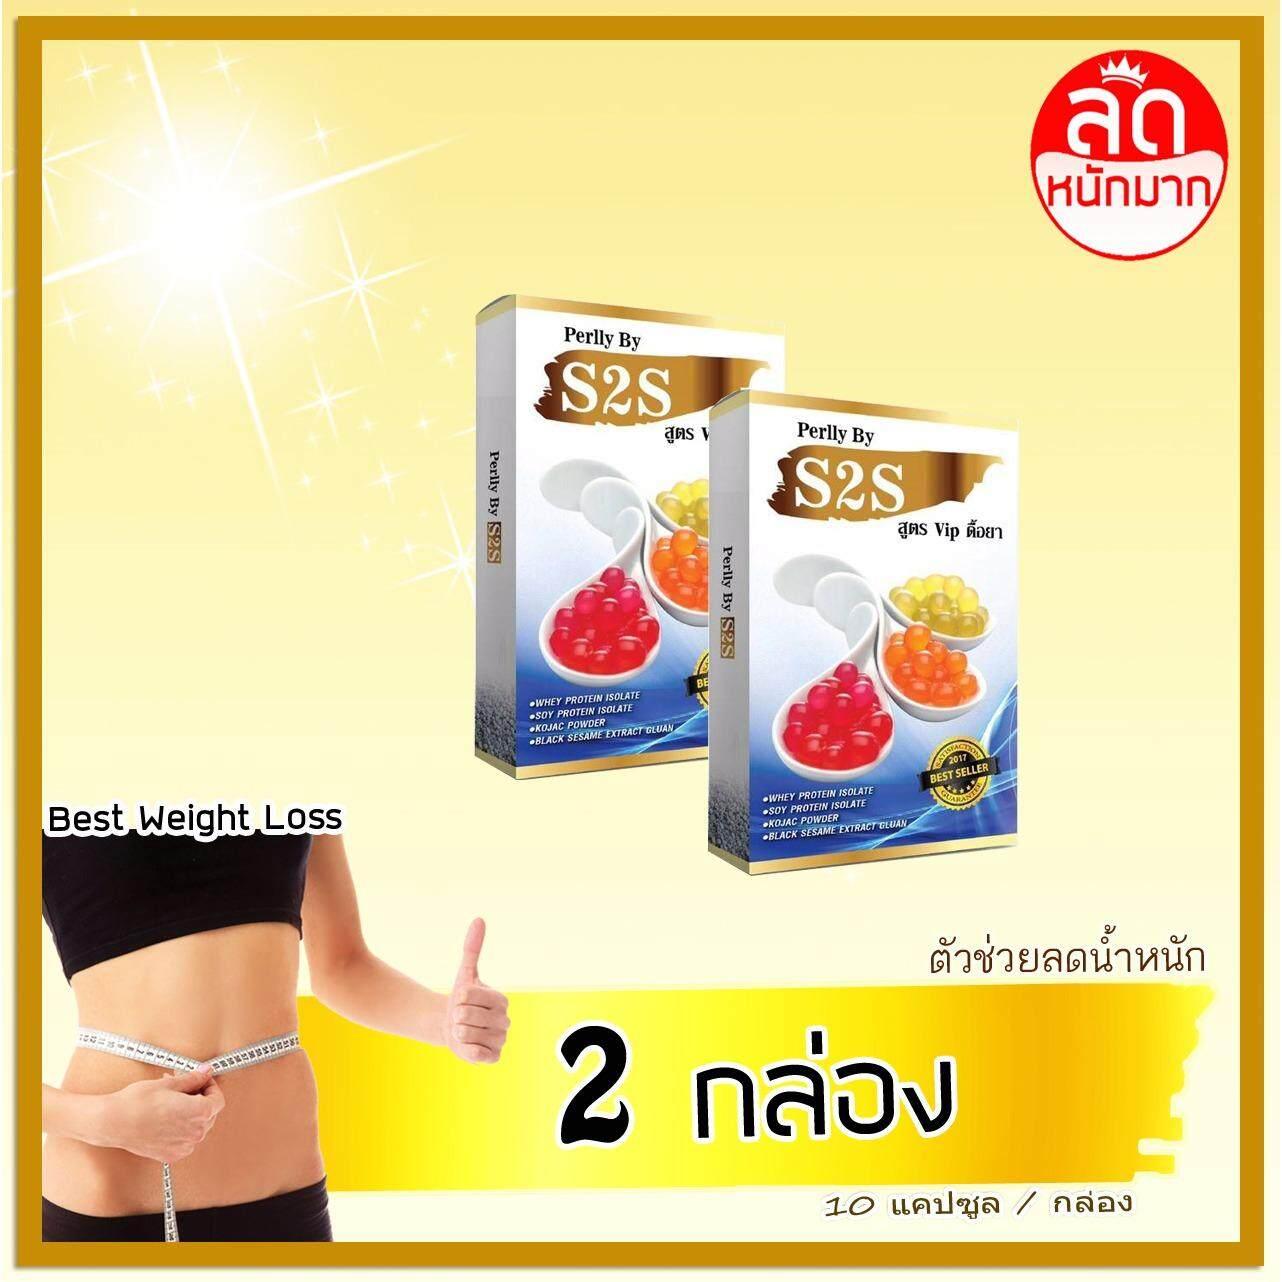 ราคา S2S S2S Secret 2 Slim ควบคุมน้ำหนัก บล็อค เบิร์น ฟิตตัวเดียวจบ 2กล่อง S2S เป็นต้นฉบับ